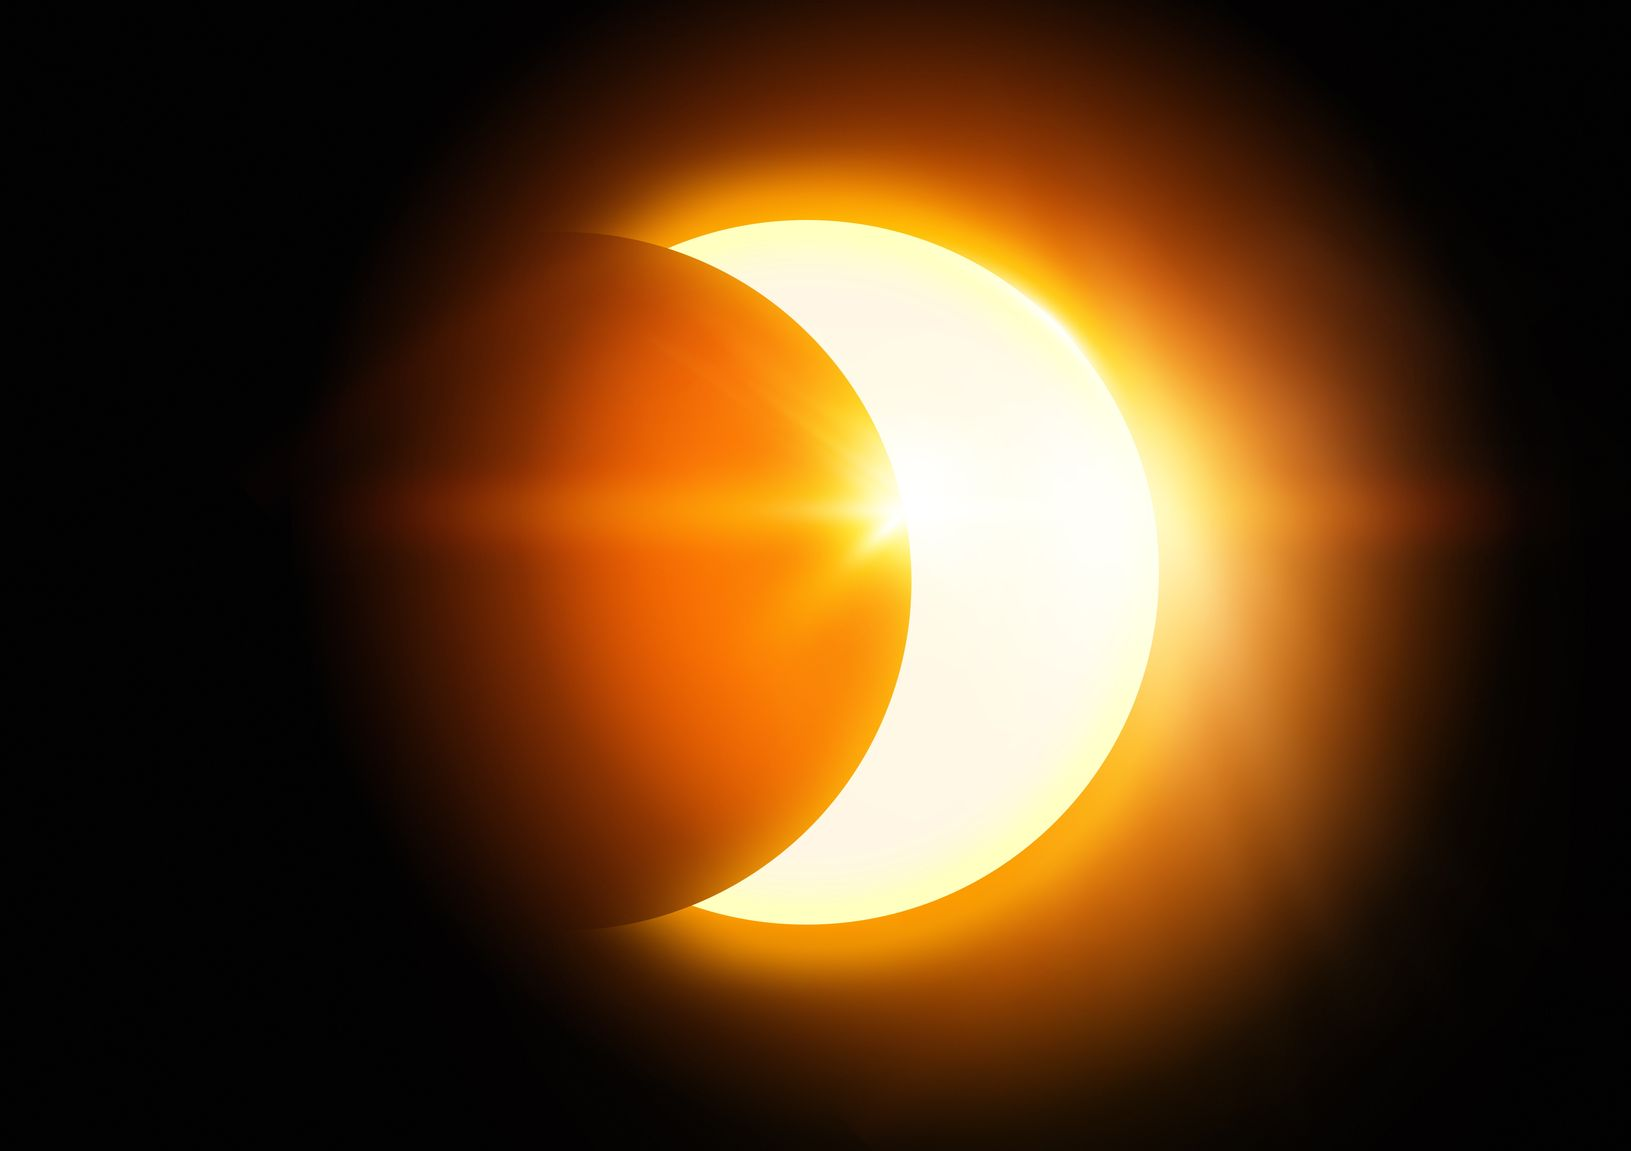 smithsonian solar eclipse - 1000×706